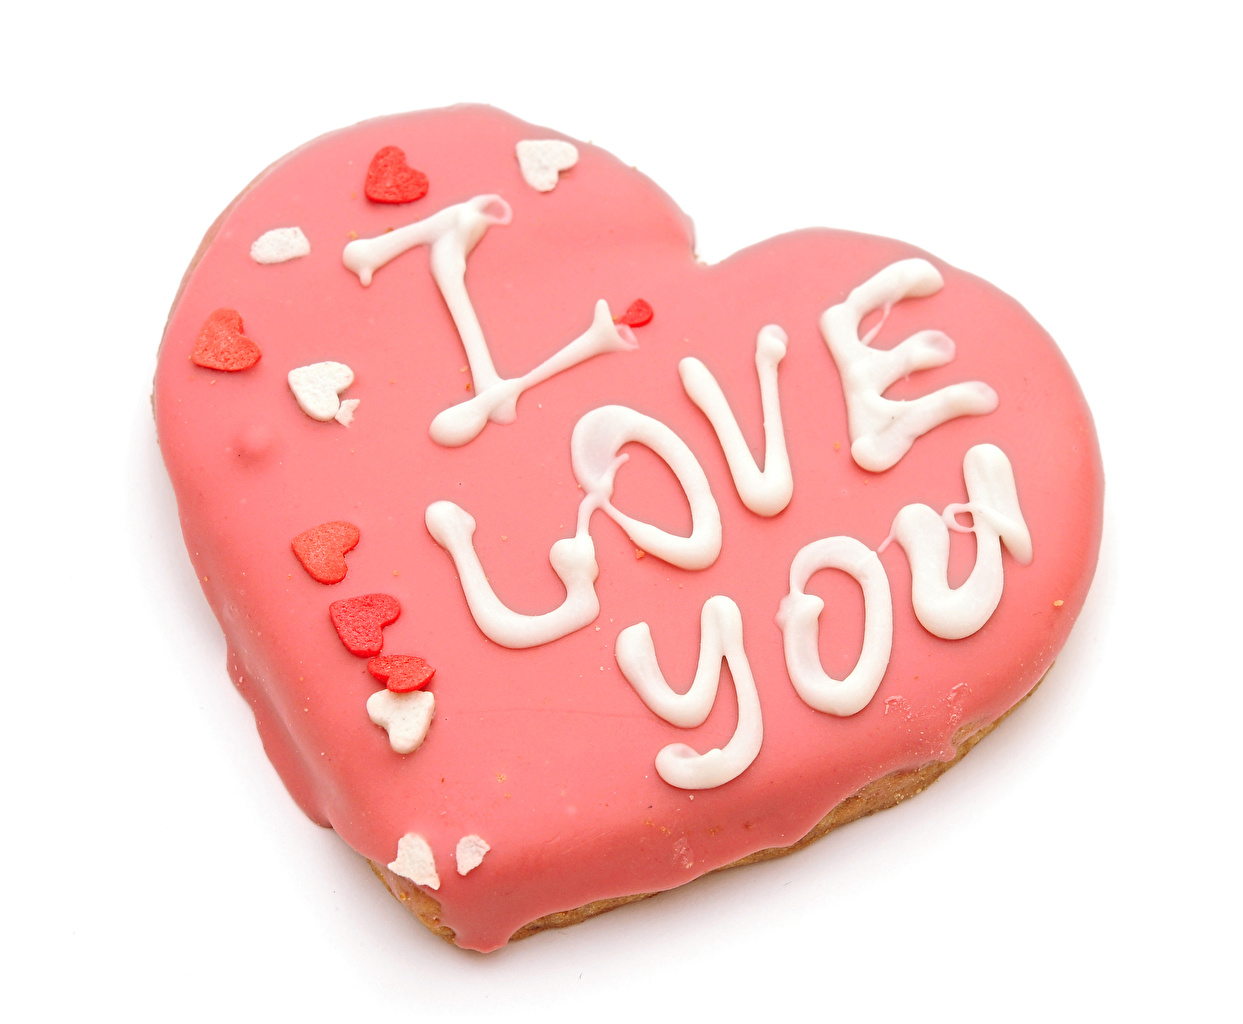 Foto Valentinstag Englisch Herz Kekse das Essen Backware Weißer hintergrund Design englische englischer englisches Lebensmittel